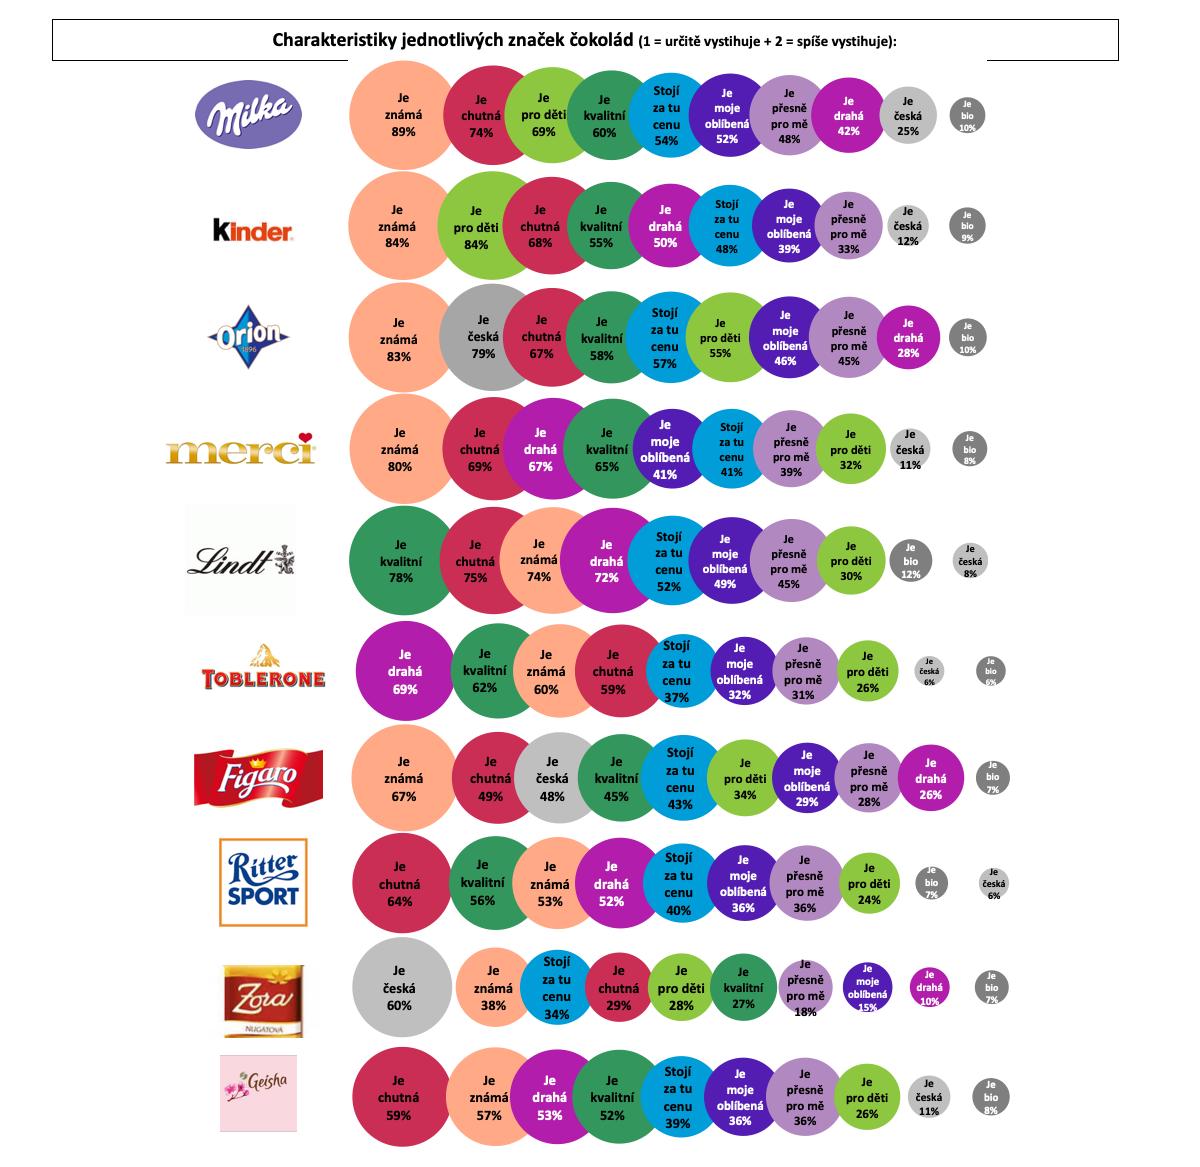 Charakteristika značek čokolád podle Čechů online. Zdroj: Český národní panel, Nielsen Admosphere